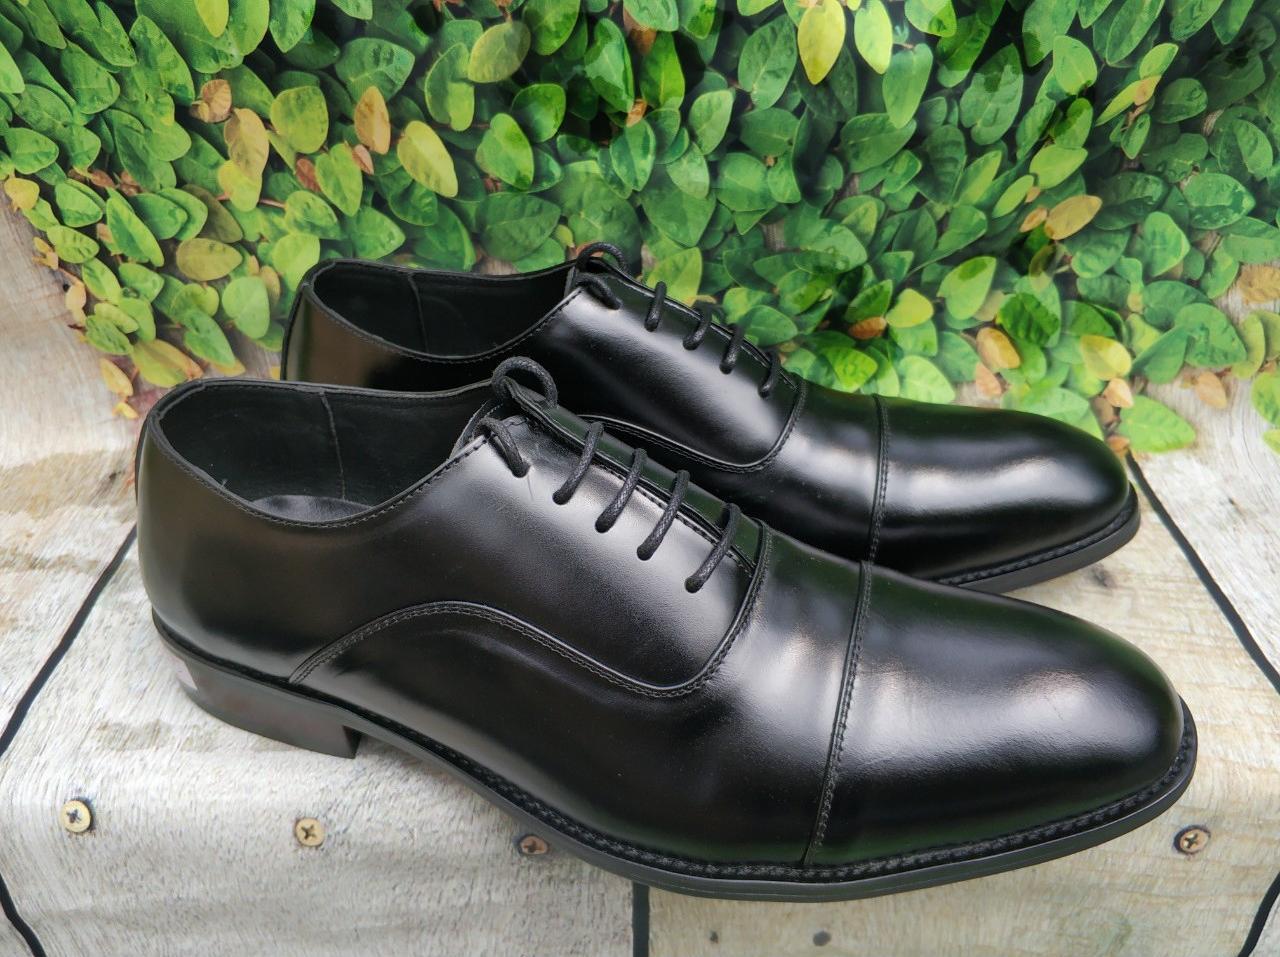 Giày tây nam sang trọng lịch lãm quí phái -gl52 - đen - 38